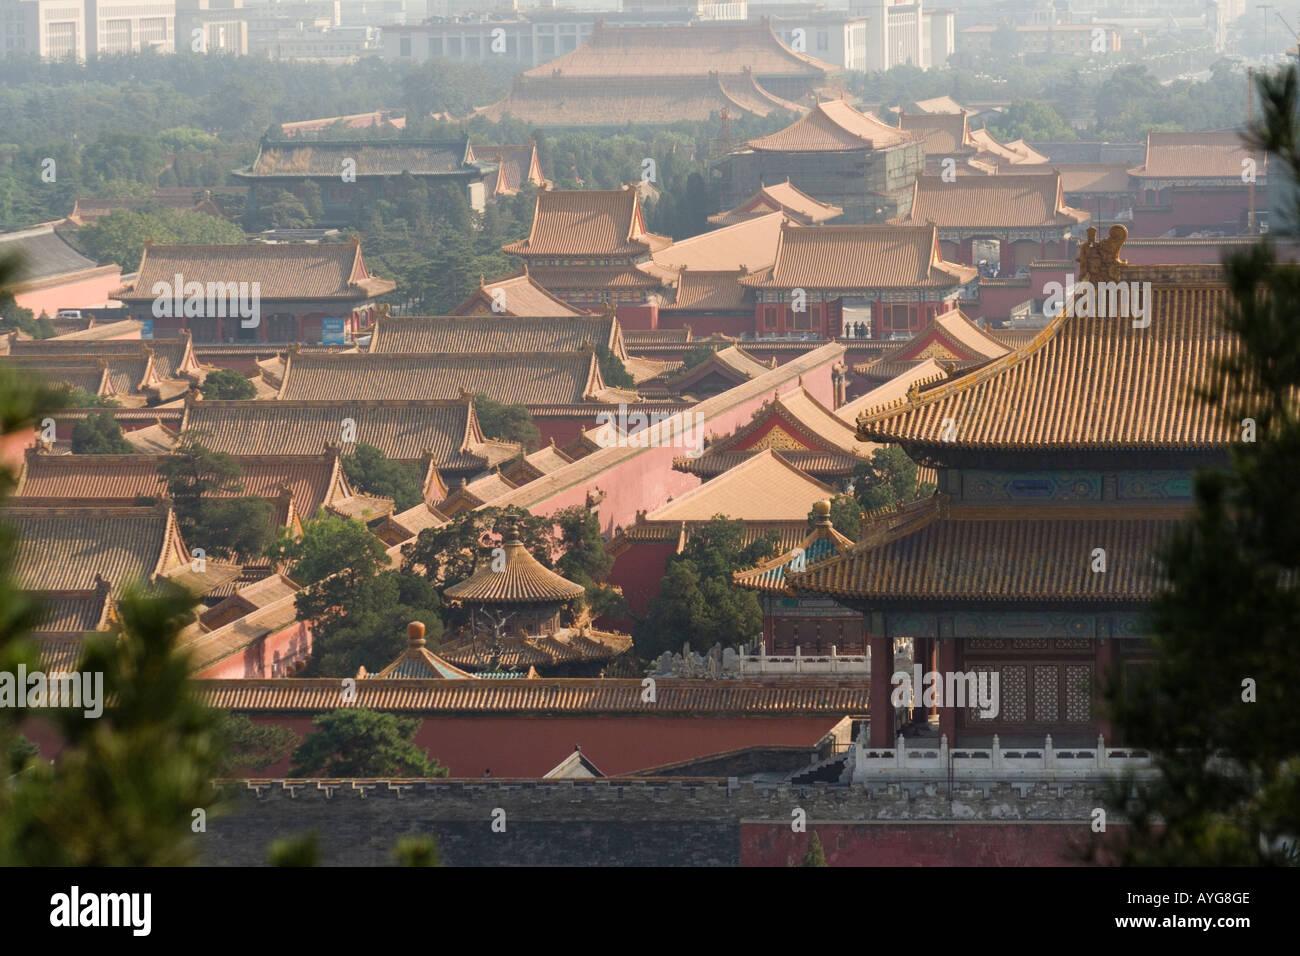 Vue aérienne de la Cité Interdite vue depuis une colline dans le parc Jingshan Beijing Chine Banque D'Images